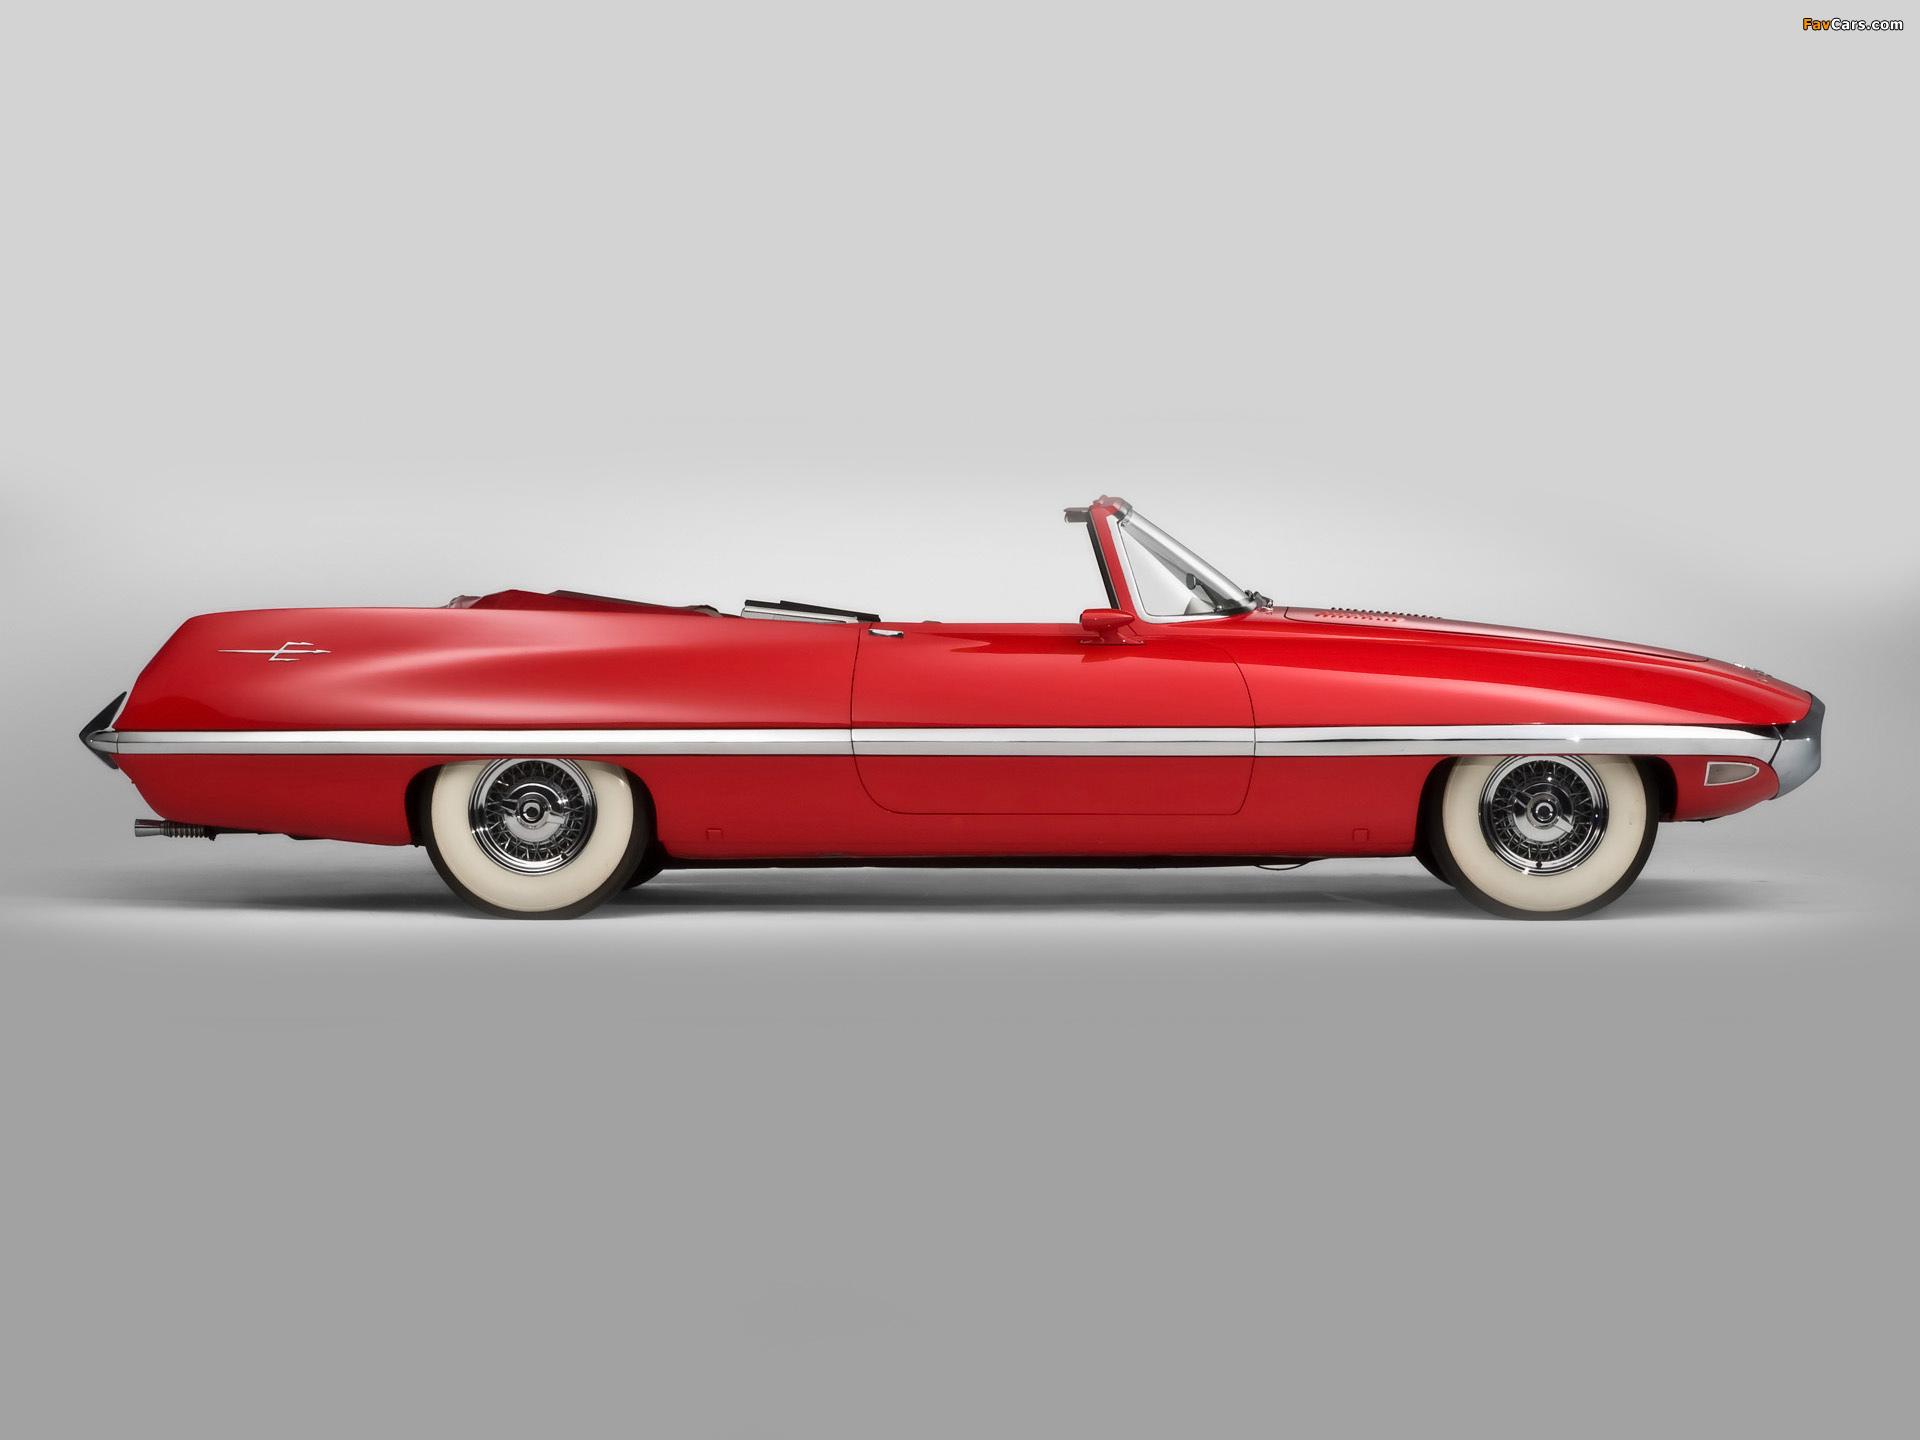 Images of Chrysler Diablo Concept Car 1957 (1920 x 1440)